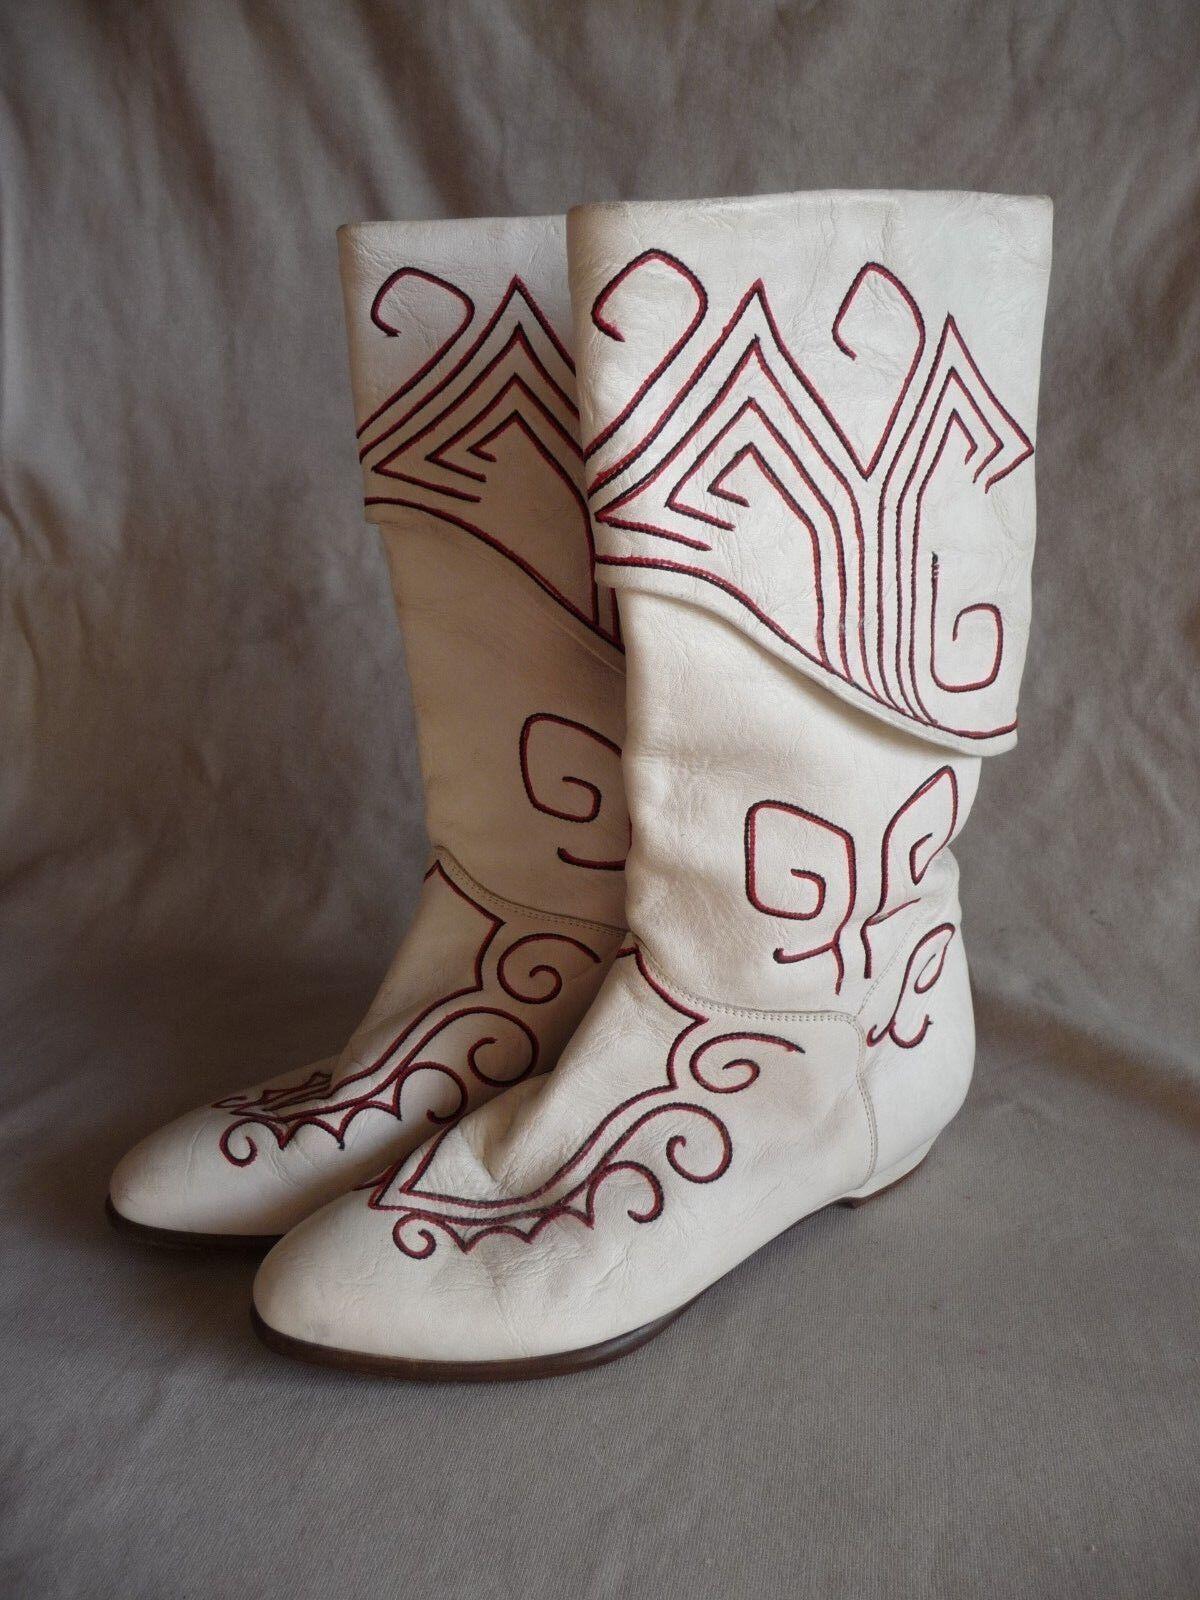 la migliore selezione di Vintage El Vaquero   Russian Style Style Style  Embroidered bianca stivali, Dimensione US 6  centro commerciale di moda